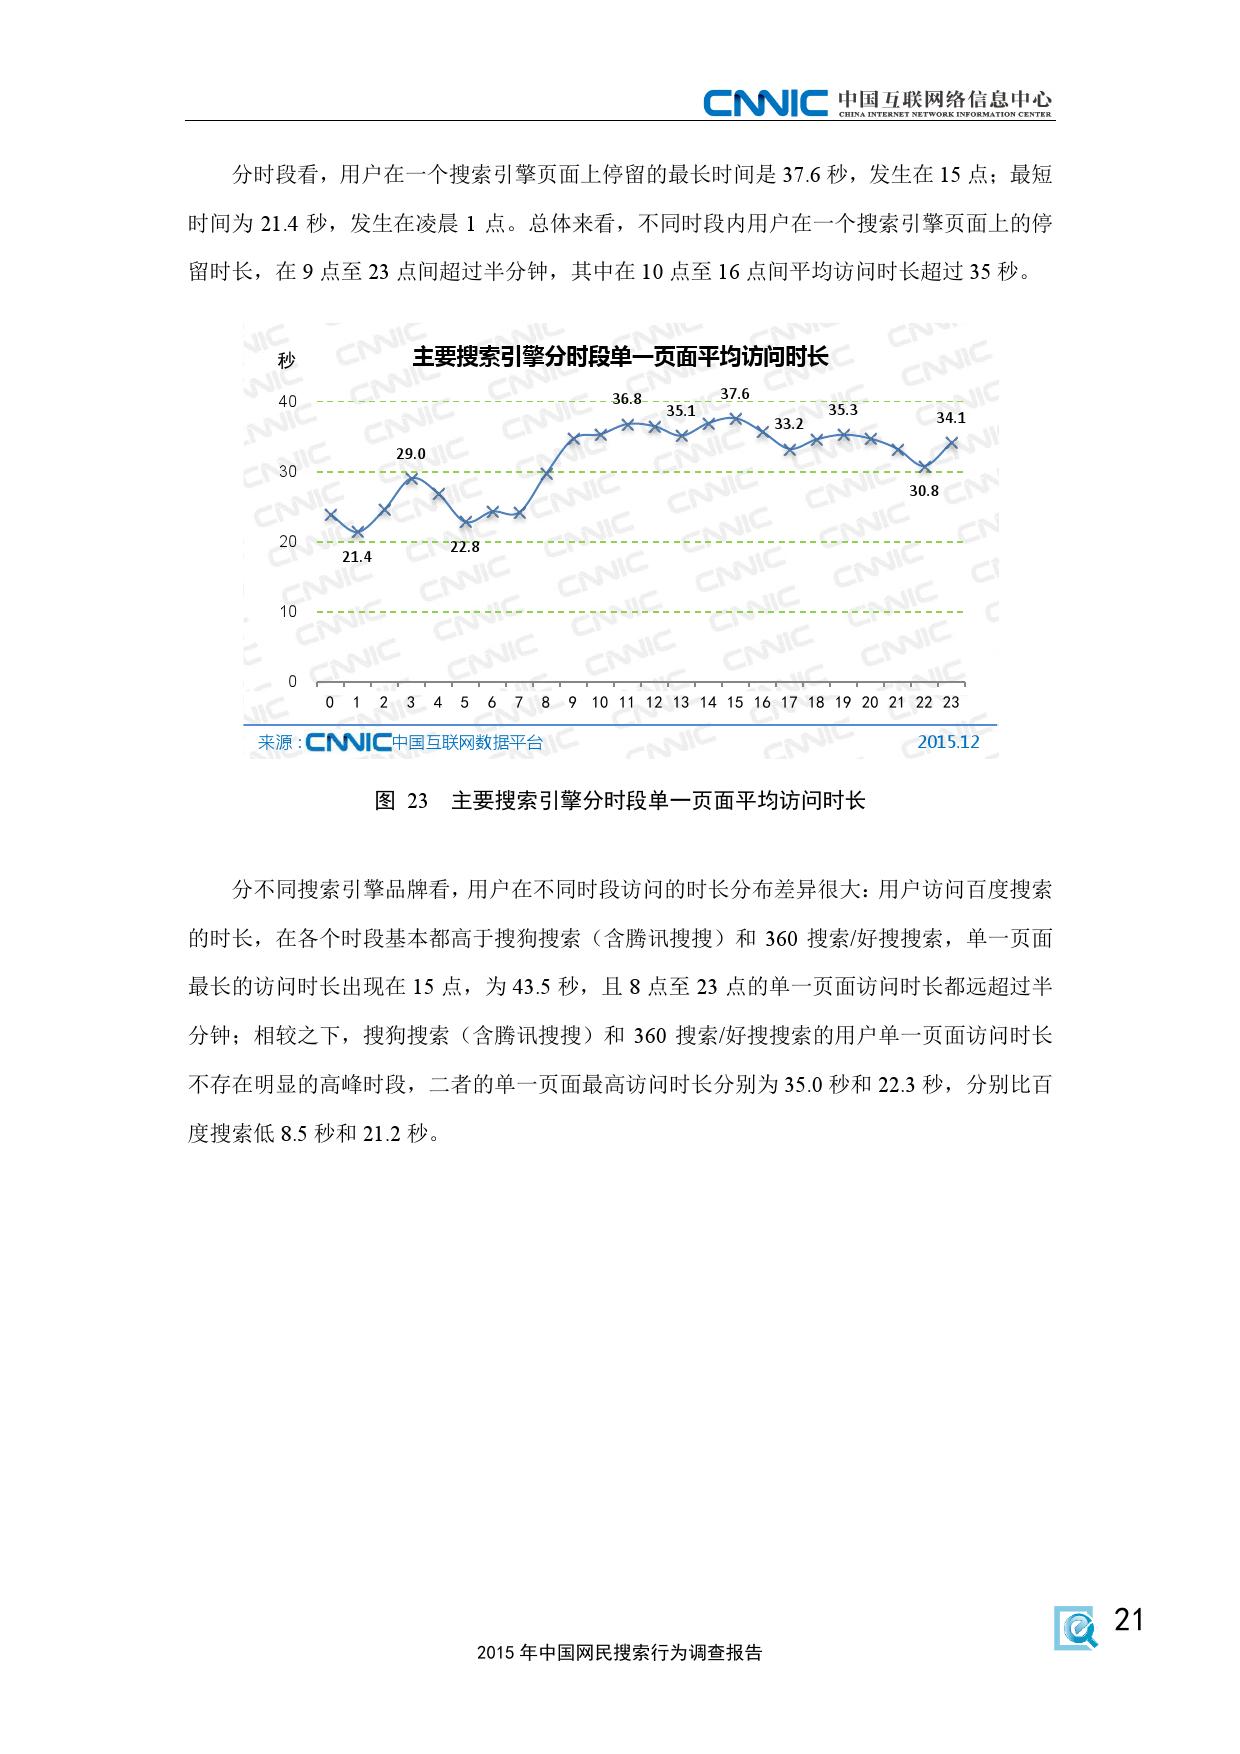 CNNIC:2015年中国网民搜索行为调查_000029